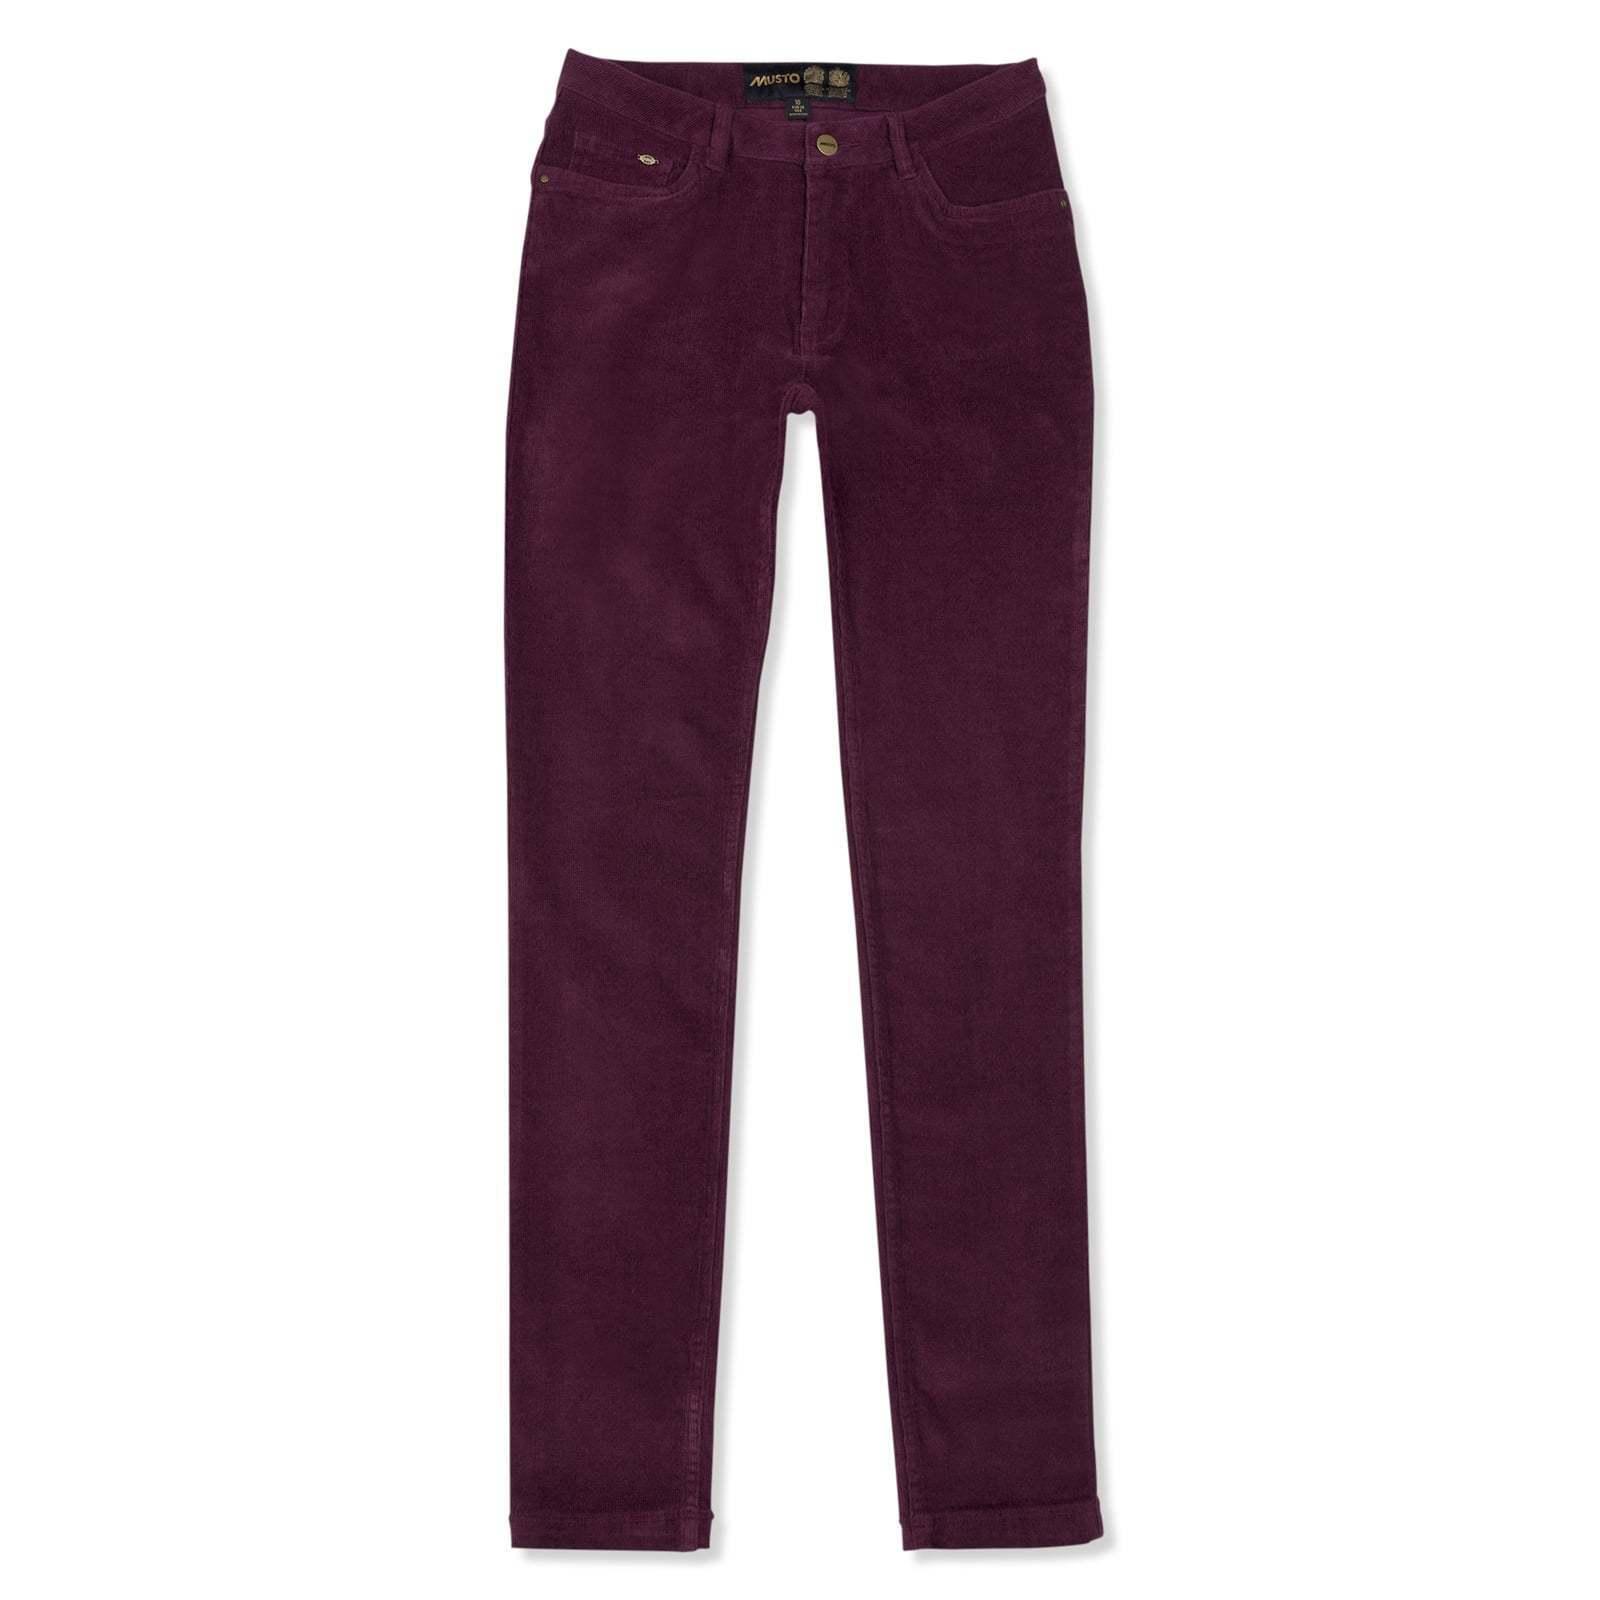 dbb763fcf180 ... Pantaloni Donna Musto paese-di Prugno e pettinata verde-erano ora .95  272909 ...